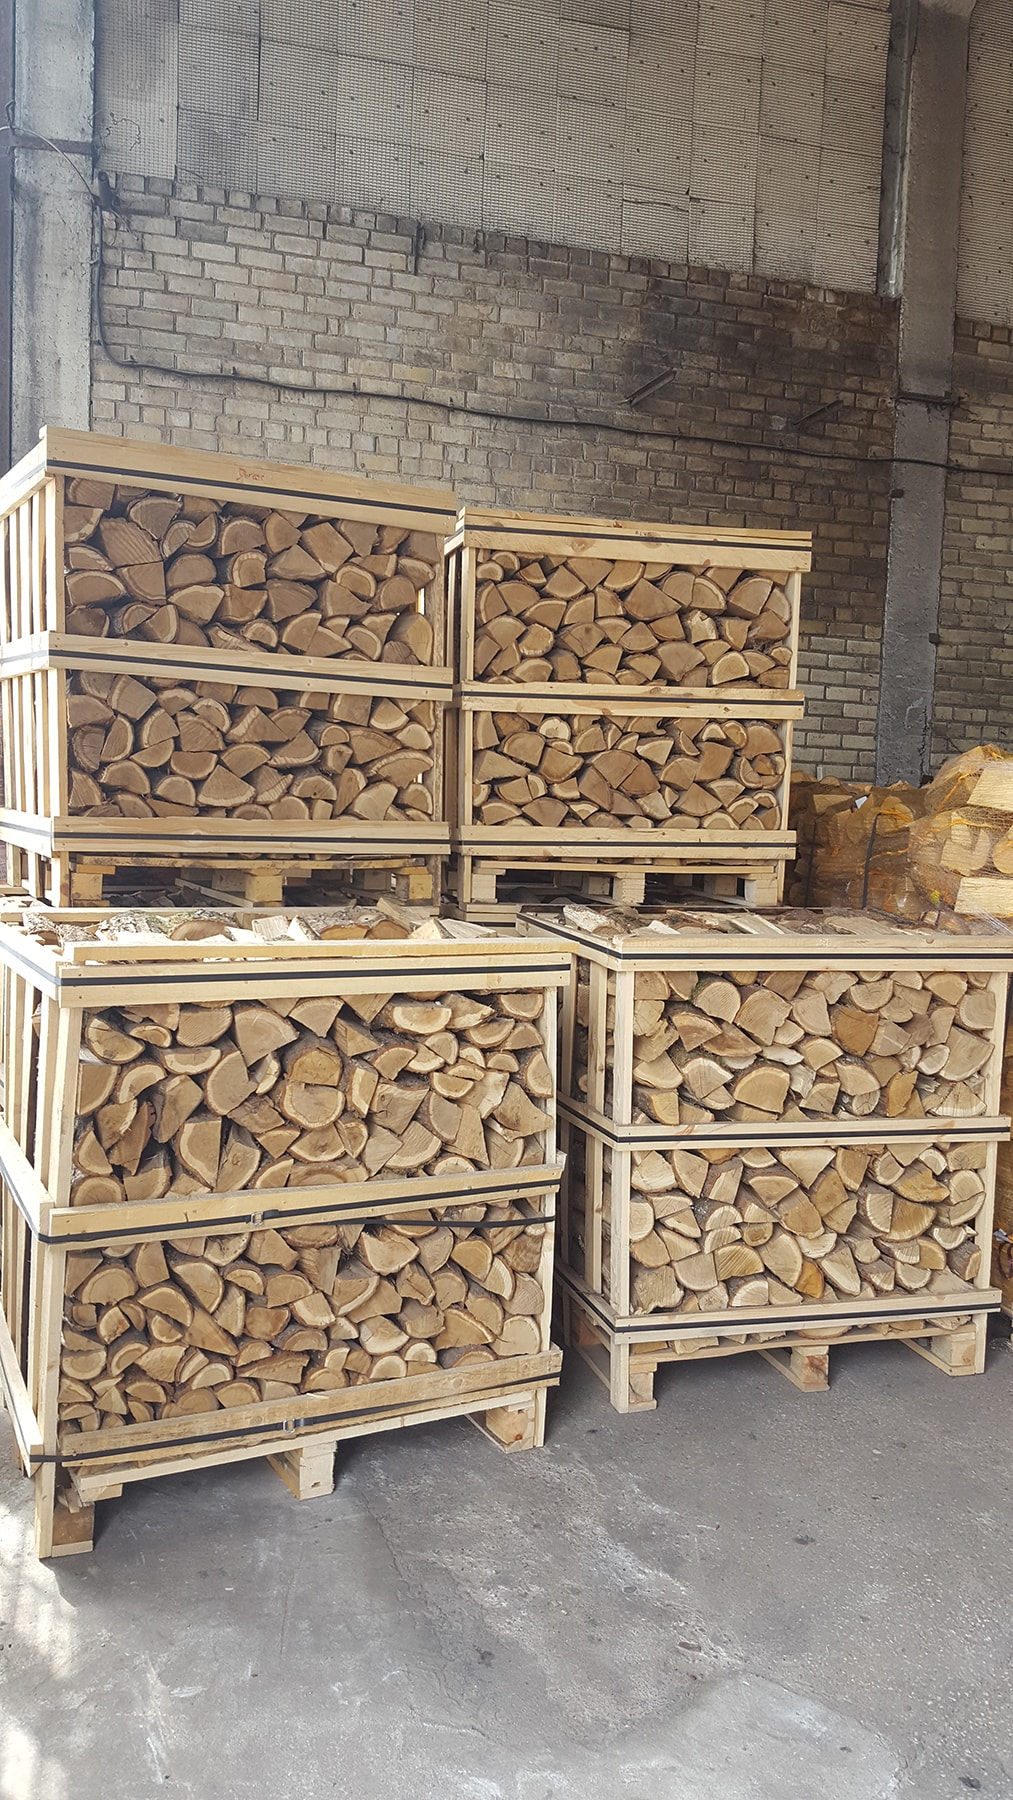 Firewood iin Crates